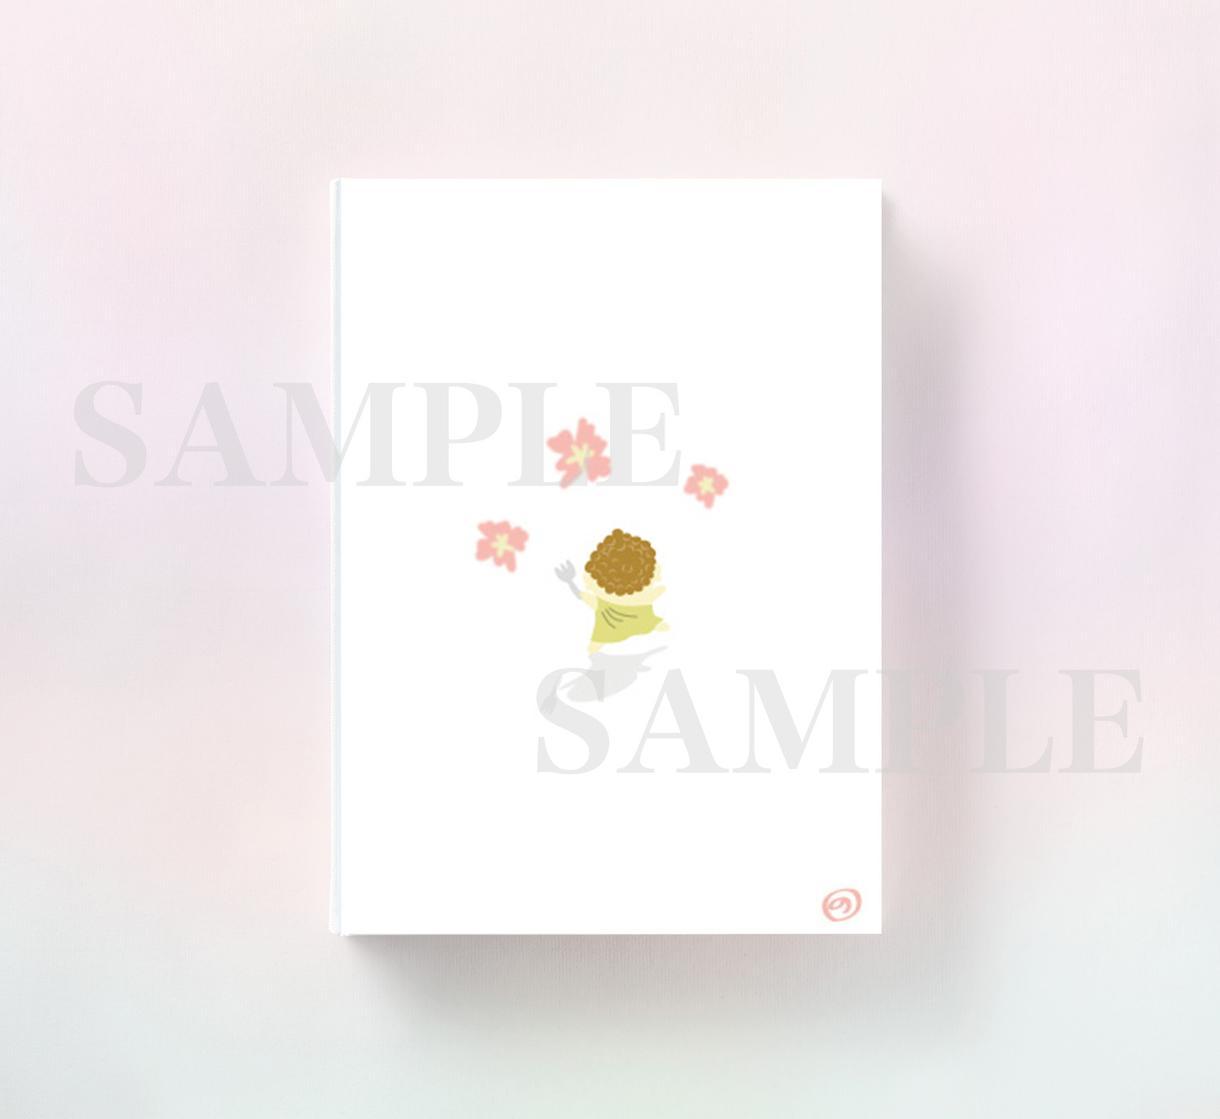 完全オリジナル★御朱印帳のデザインを作ります 和風グッズを考えている方に/製本も可能